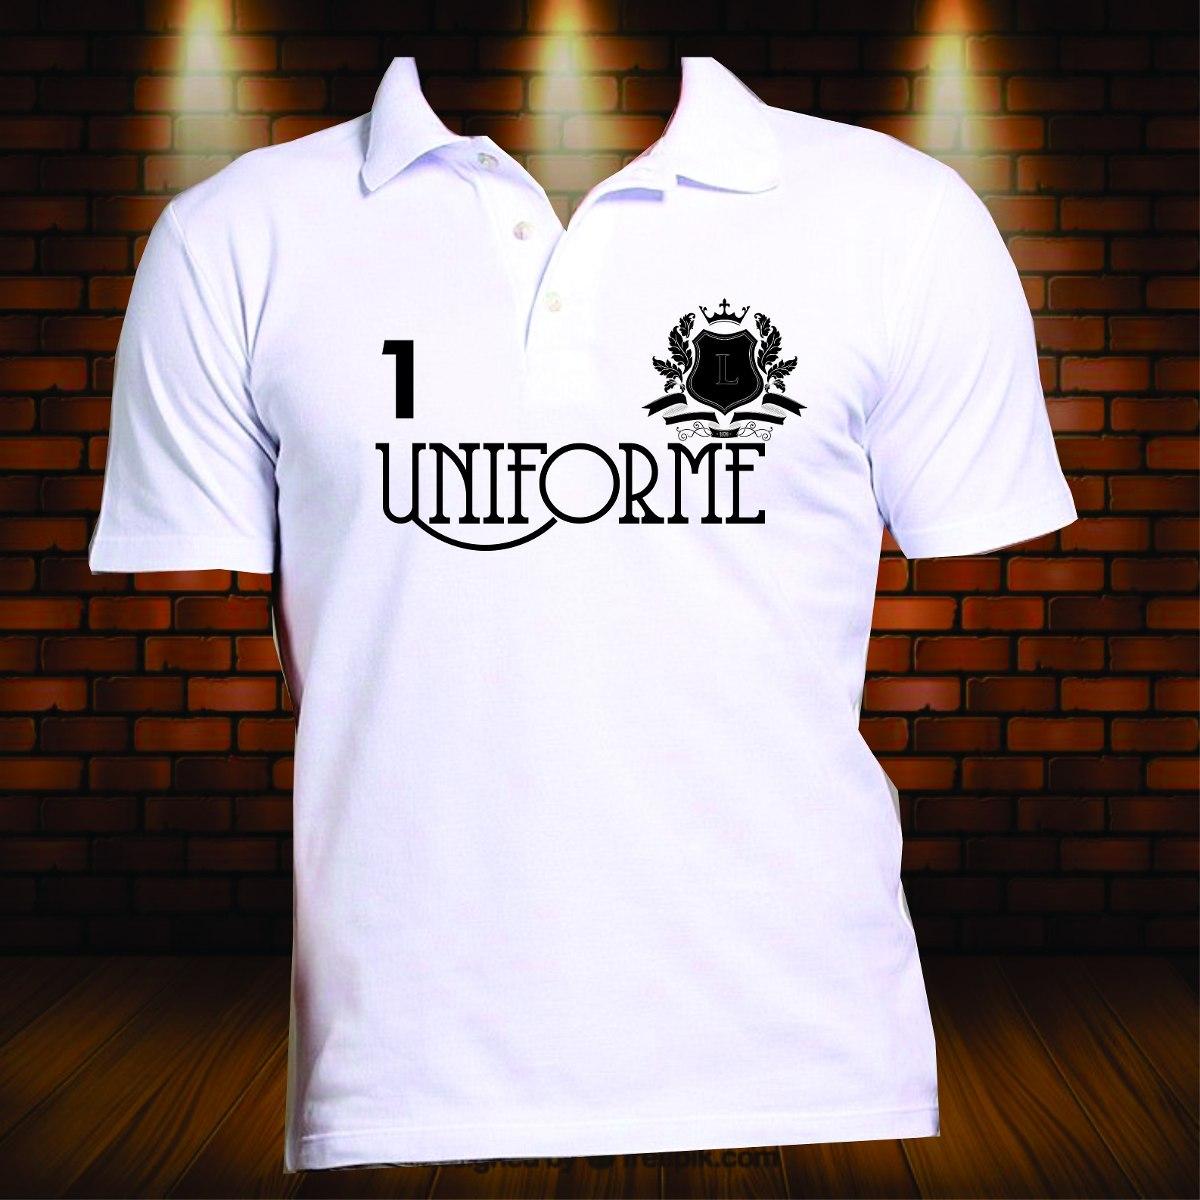 a59062e32f Vender um igual. camisa polo uniforme personalizada com logo de sua  empresa. Carregando zoom.